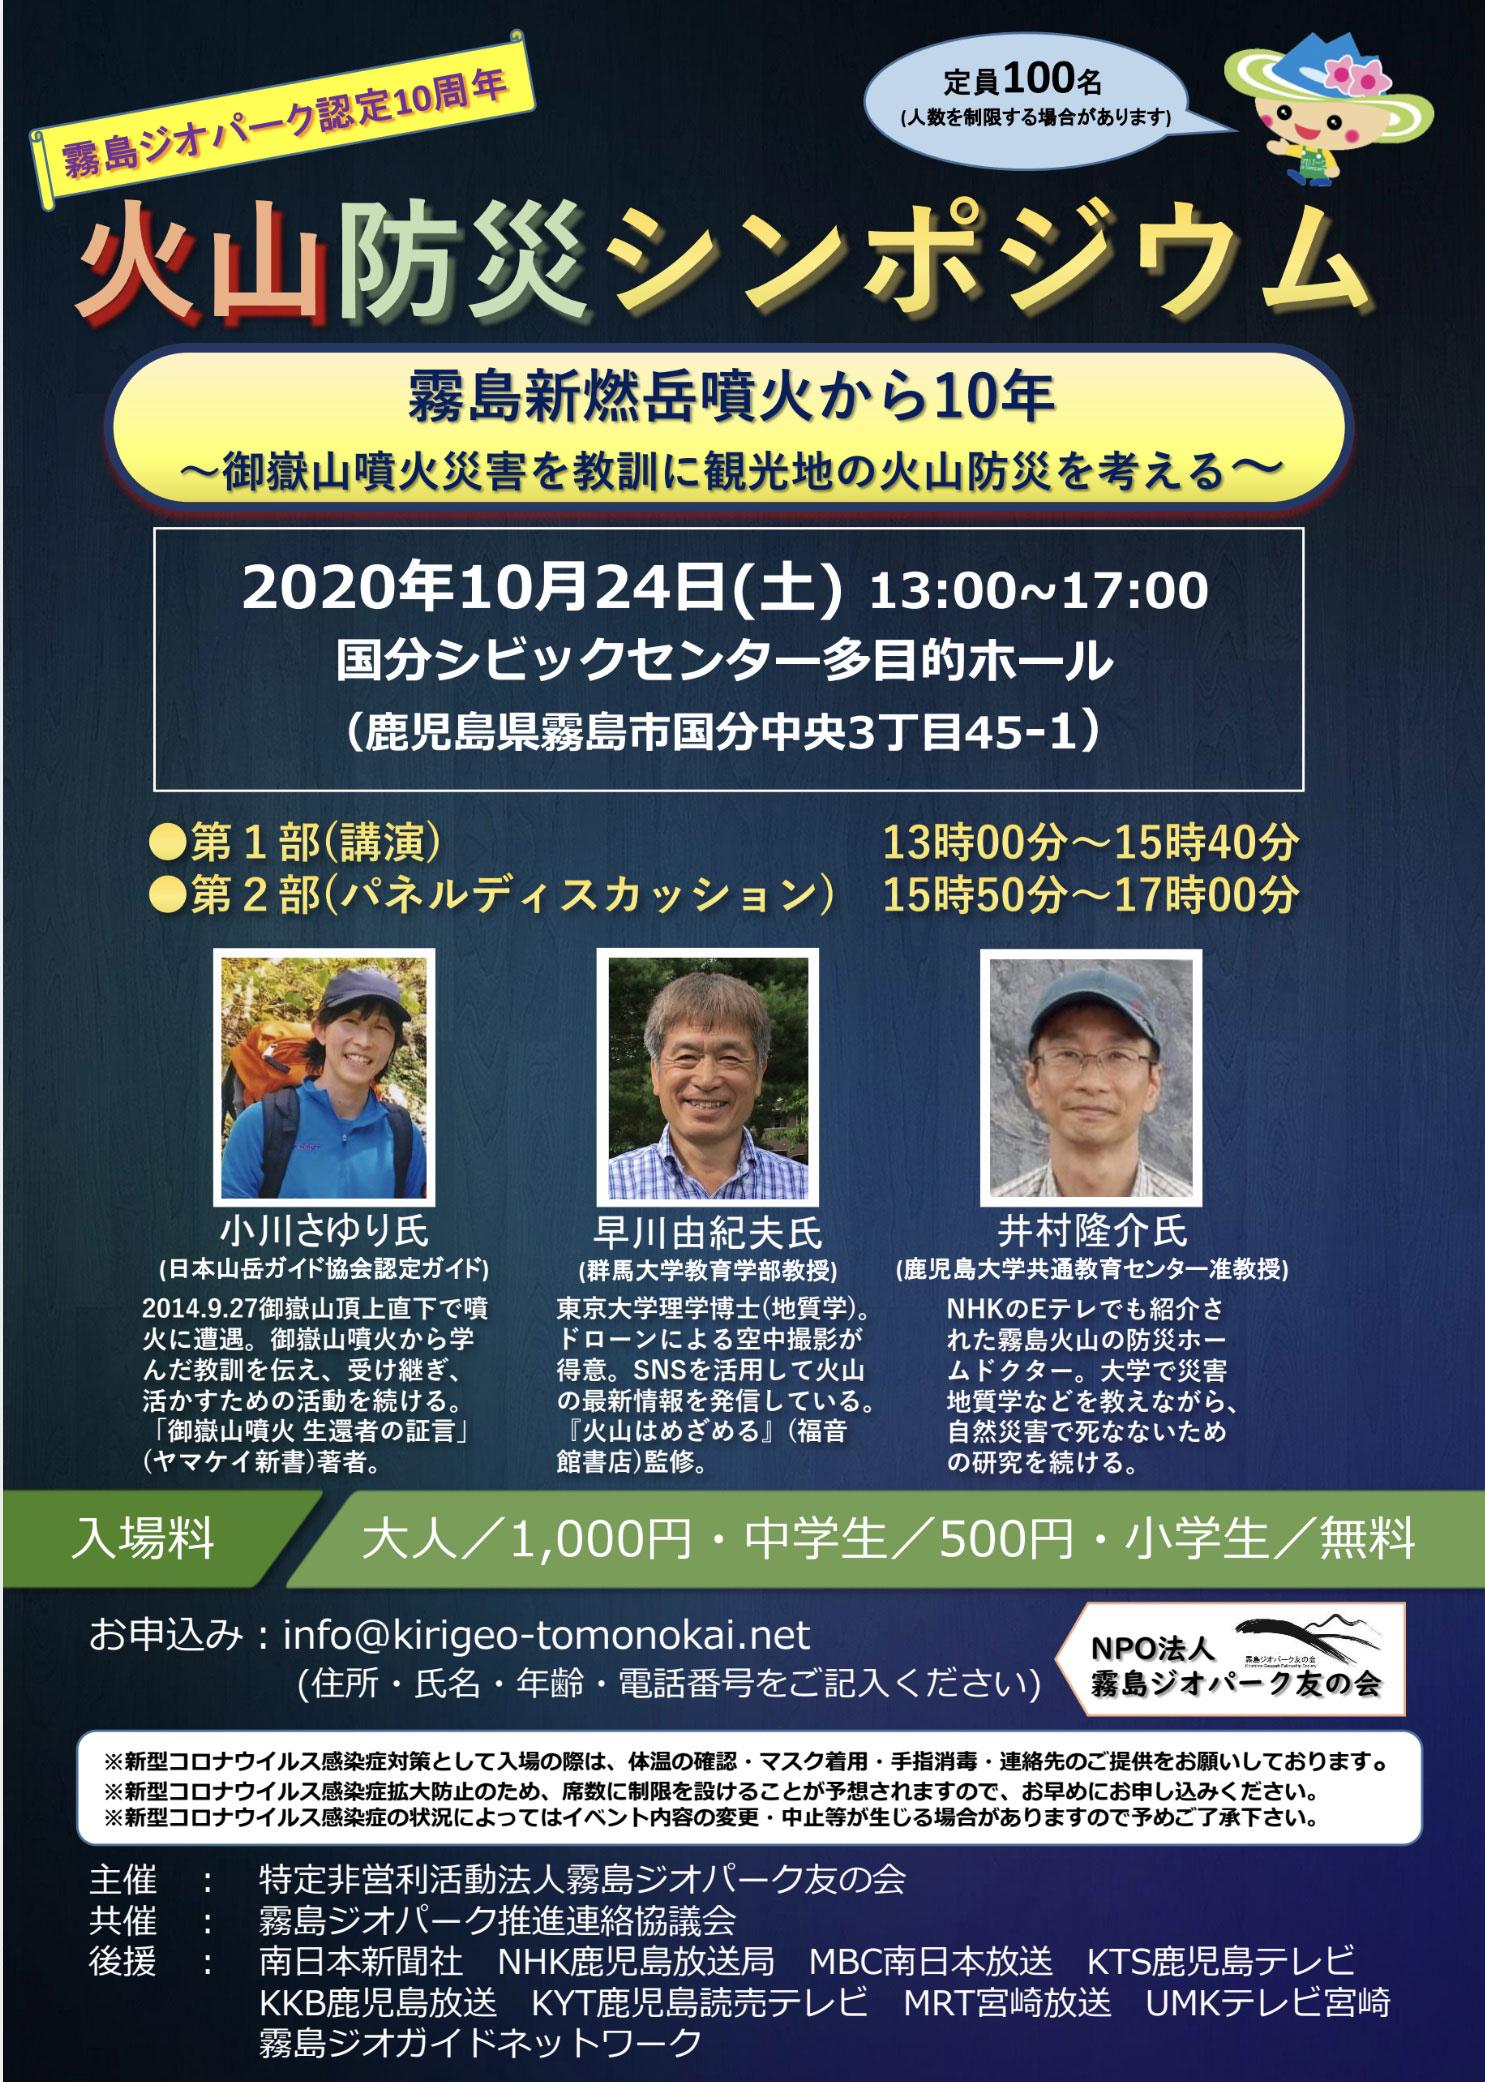 【霧島市】霧島ジオパーク認定10周年 火山防災シンポジウム